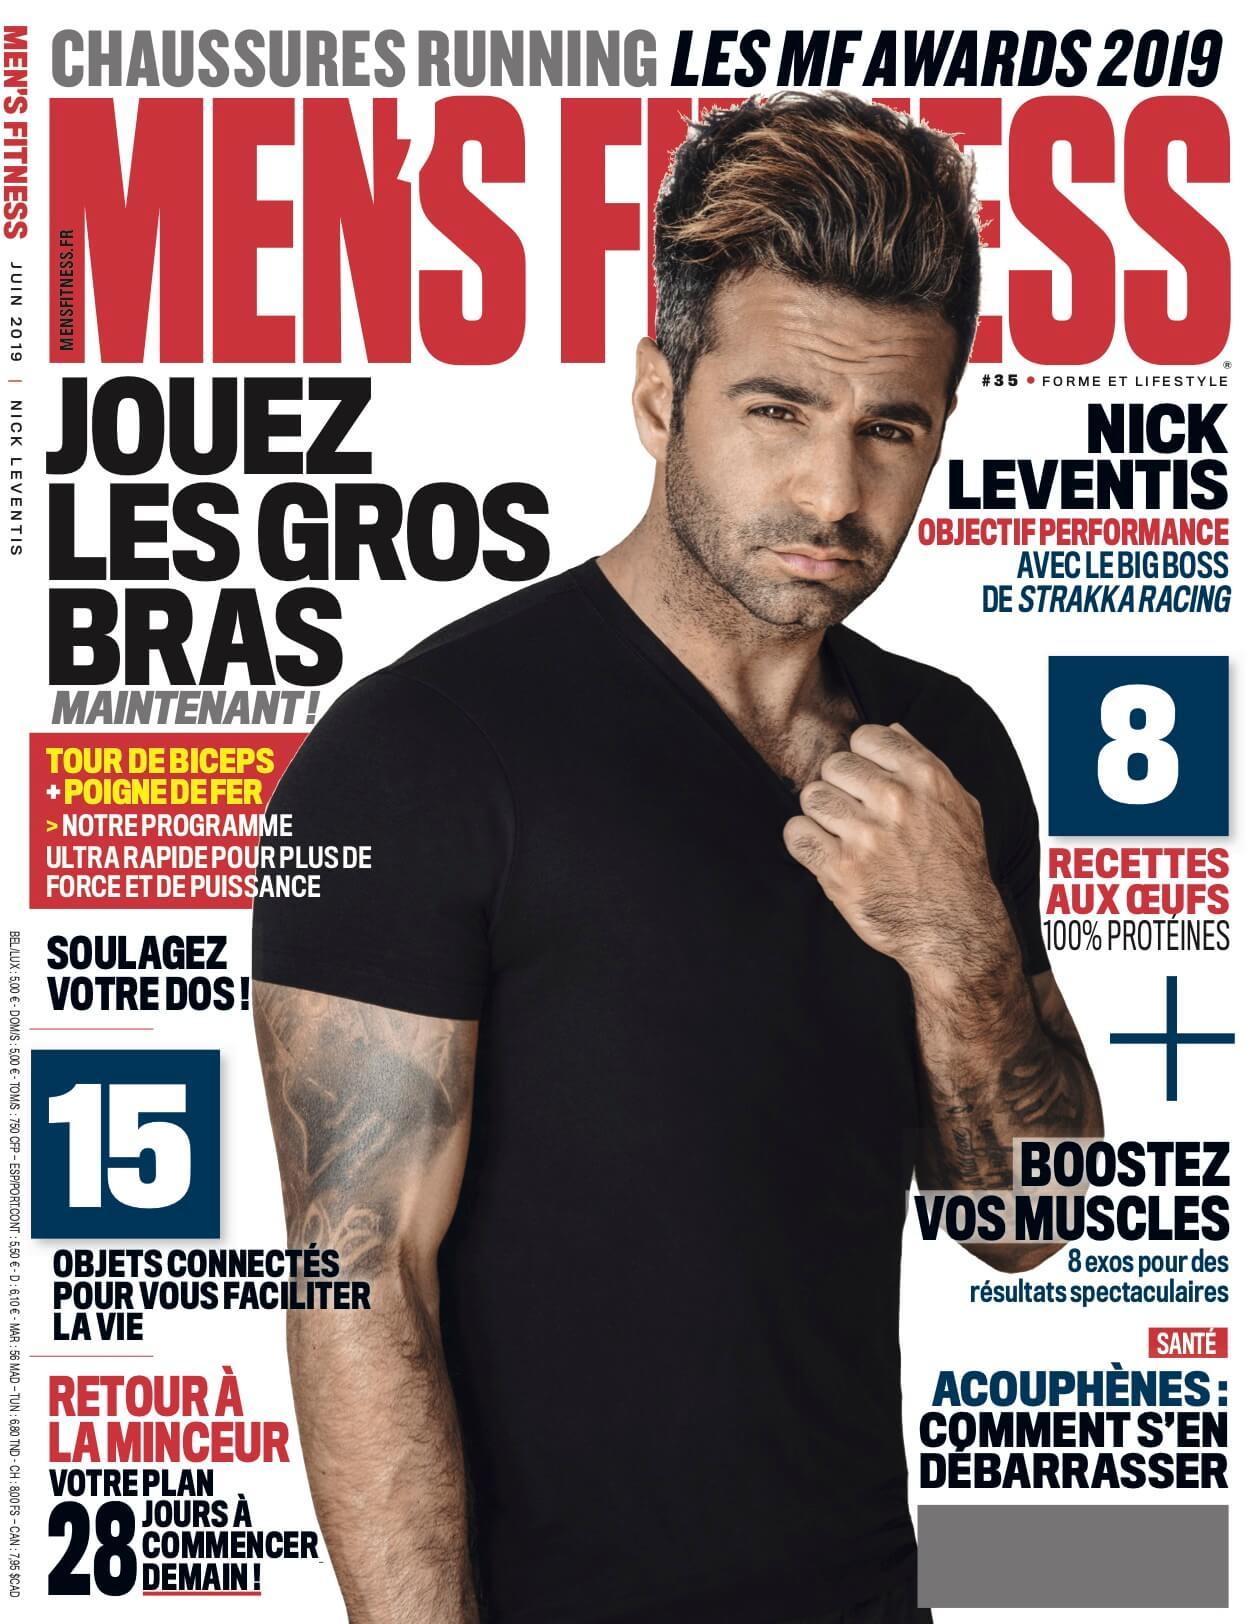 Mens's Fitness cover June